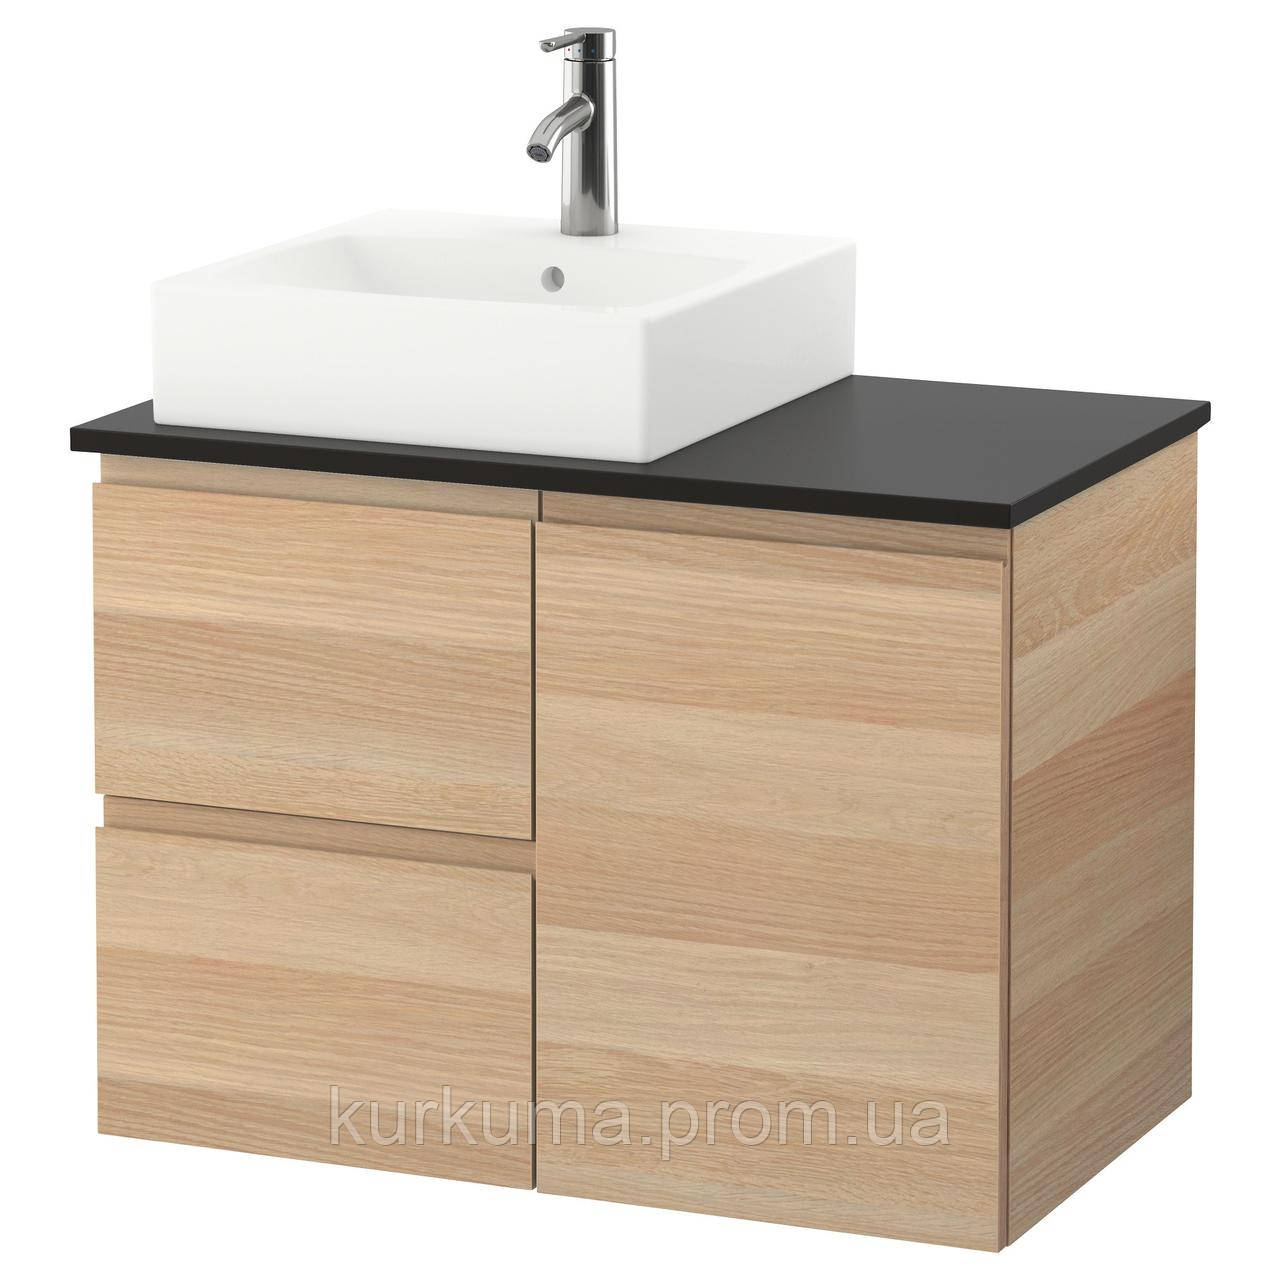 IKEA GODMORGON/TOLKEN/TORNVIKEN Шкаф под умывальник с раковиной 45x45, белый дубовый шпон, (191.911.32)